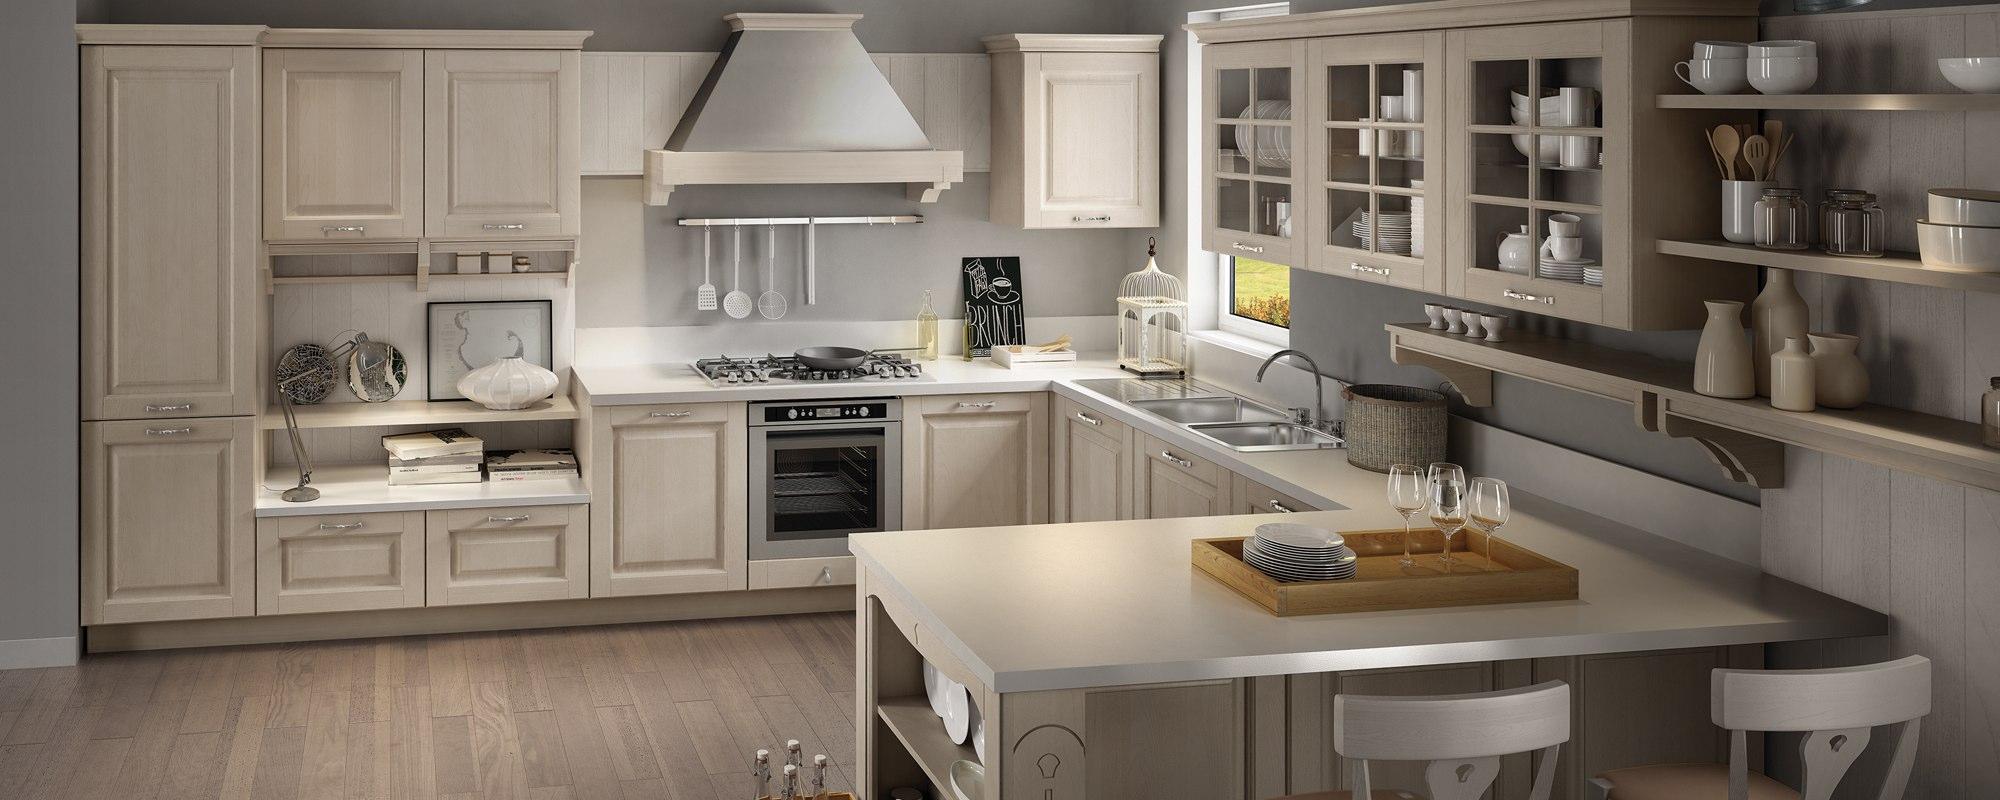 Cucina Stosa Aida - Idee per interni per la casa, il giardino e la ...